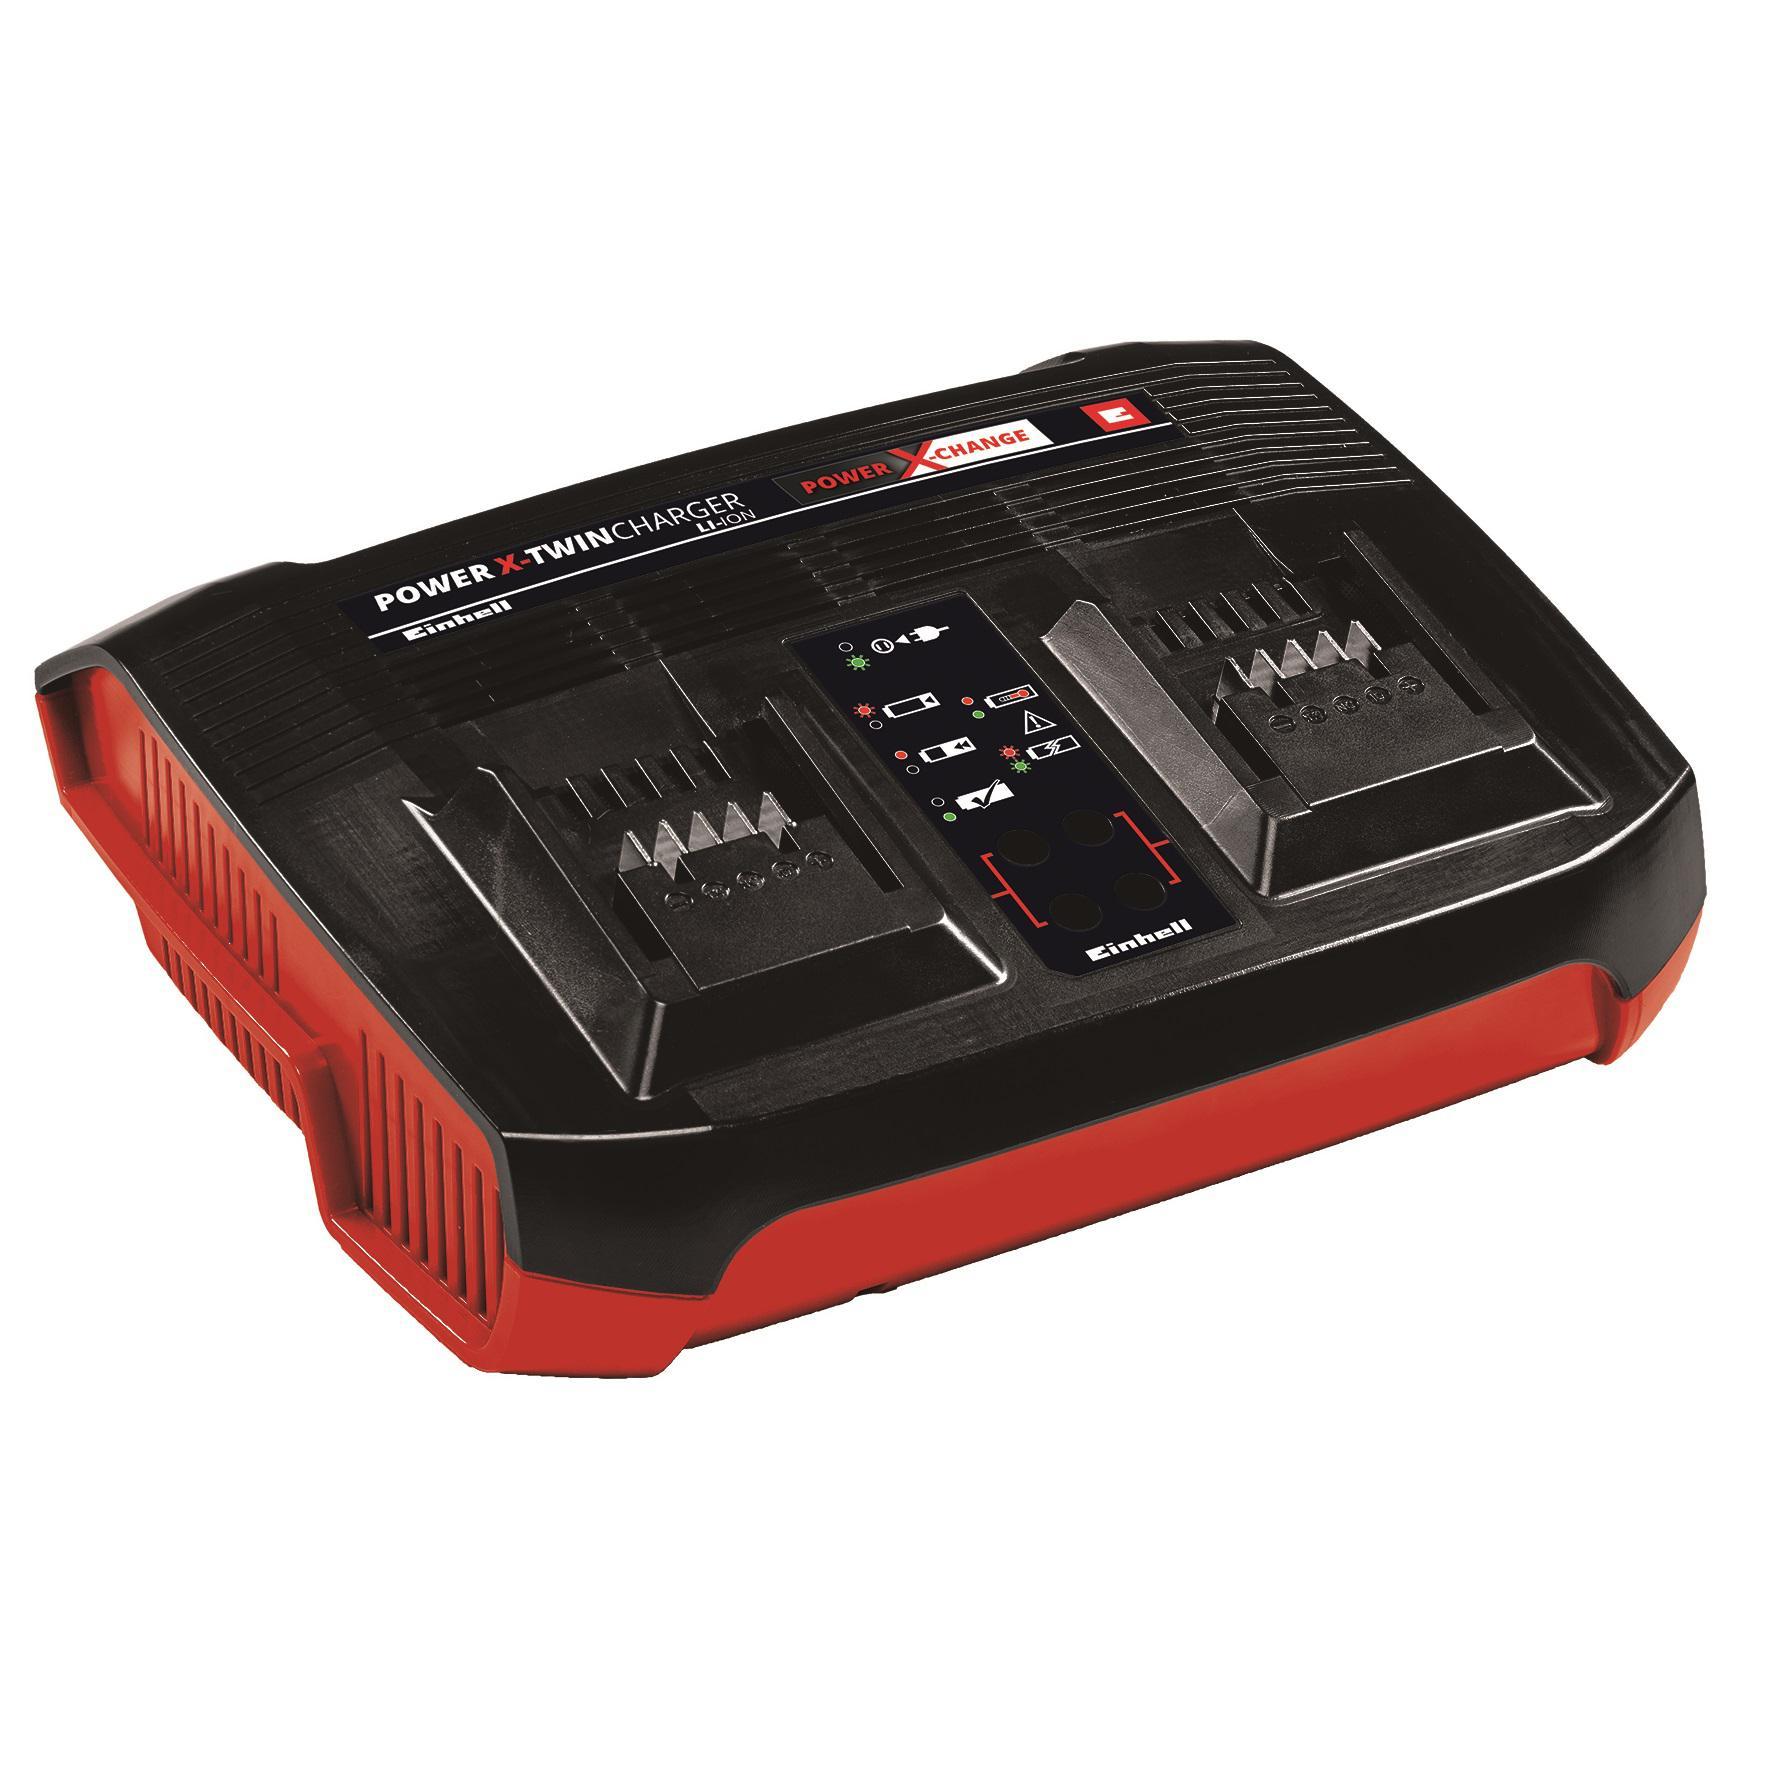 Зарядное устройство Einhell Pxc power x-twincharger (4512069)